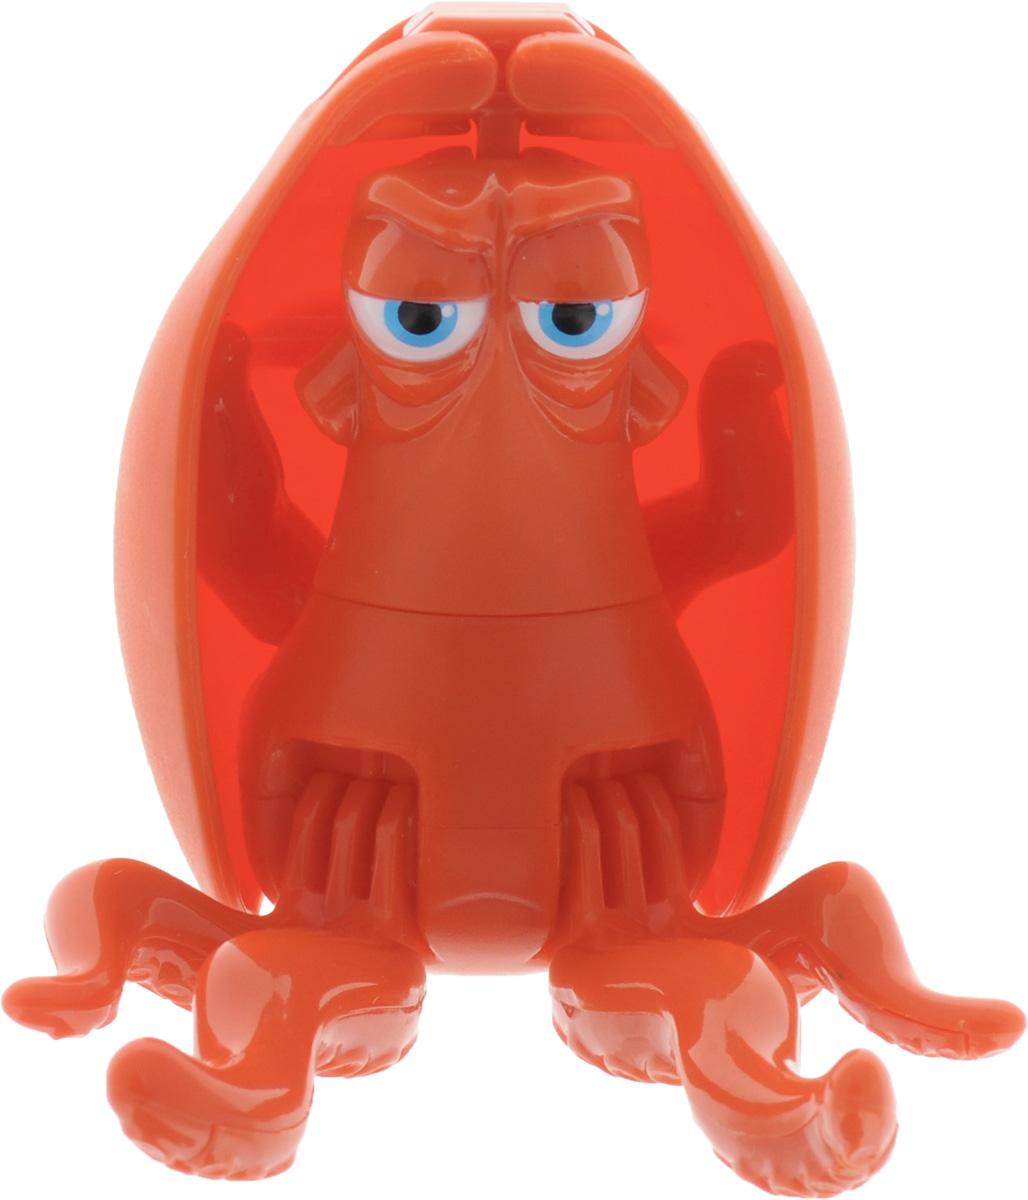 EggStars Яйцо-трансформер Хэнк84662Яркая, необычная игрушка яйцо-трансформер EggStars Хэнк, превращающаяся в любимого героя полнометражного анимационного фильма для детей В поисках Дори - отличный подарок для всех поклонников этой чудесной сказки. Дружелюбный осьминог по имени Хэнк - один из персонажей мультфильма. Игрушка, выполненная в виде этого героя, в несколько шагов складывается в гладкое яйцо. Малыш сможет собирать и разбирать игрушку самостоятельно, в игровой форме получая навыки простой трансформации одного предмета в другой, тренируя моторику пальчиков, совершенствуя логическое мышление и память. Небольшие размеры игрушки позволяют брать ее с собой и играть в любое свободное время, скрасить скучное время в длительной дороге или же собрать целую коллекцию персонажей мультфильма В поисках Дори.